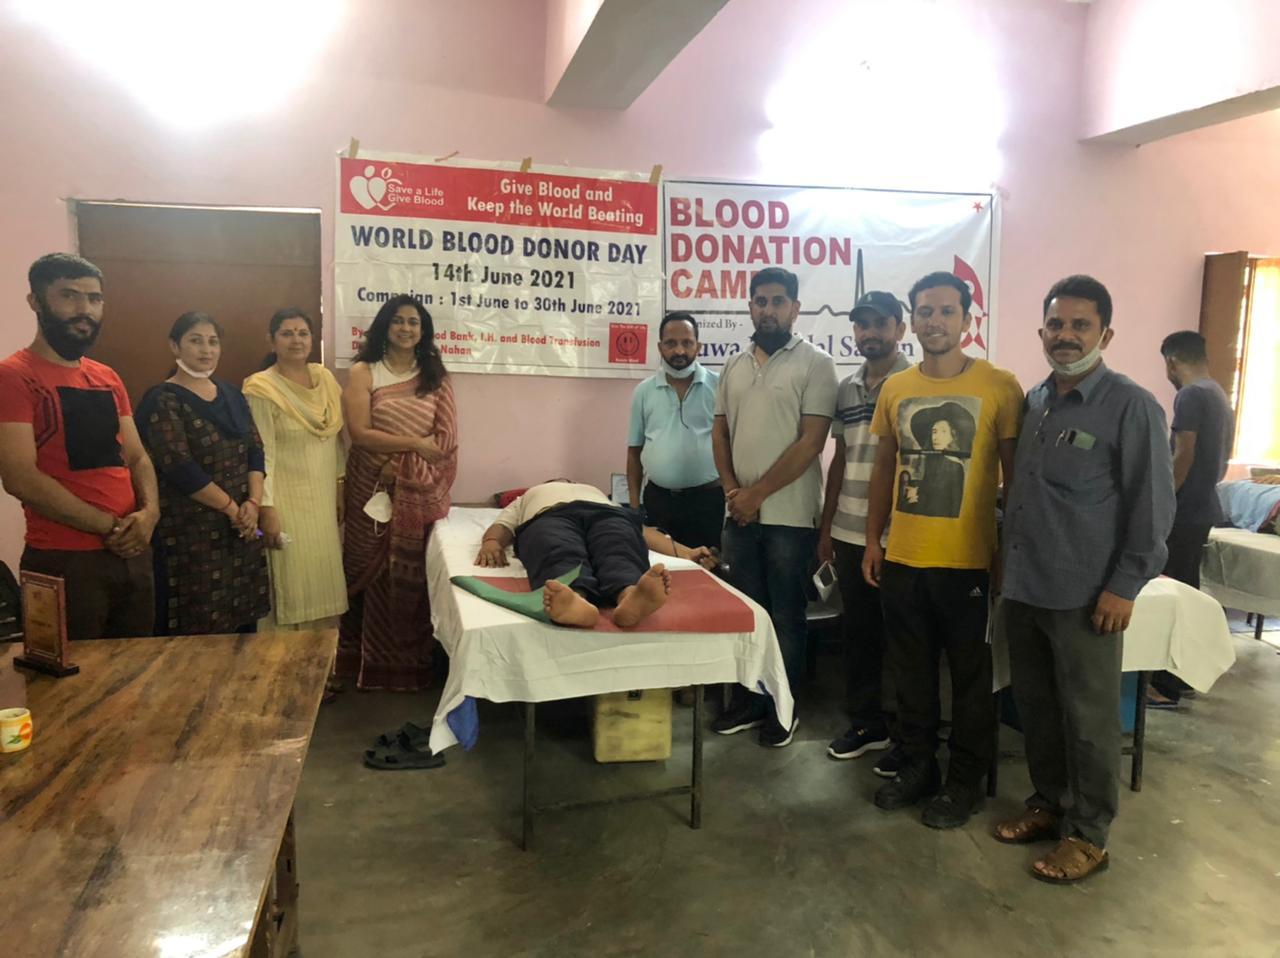 रक्त दान शिविर में युवा मंडल सतोन ने दिया 35 यूनिट रक्त